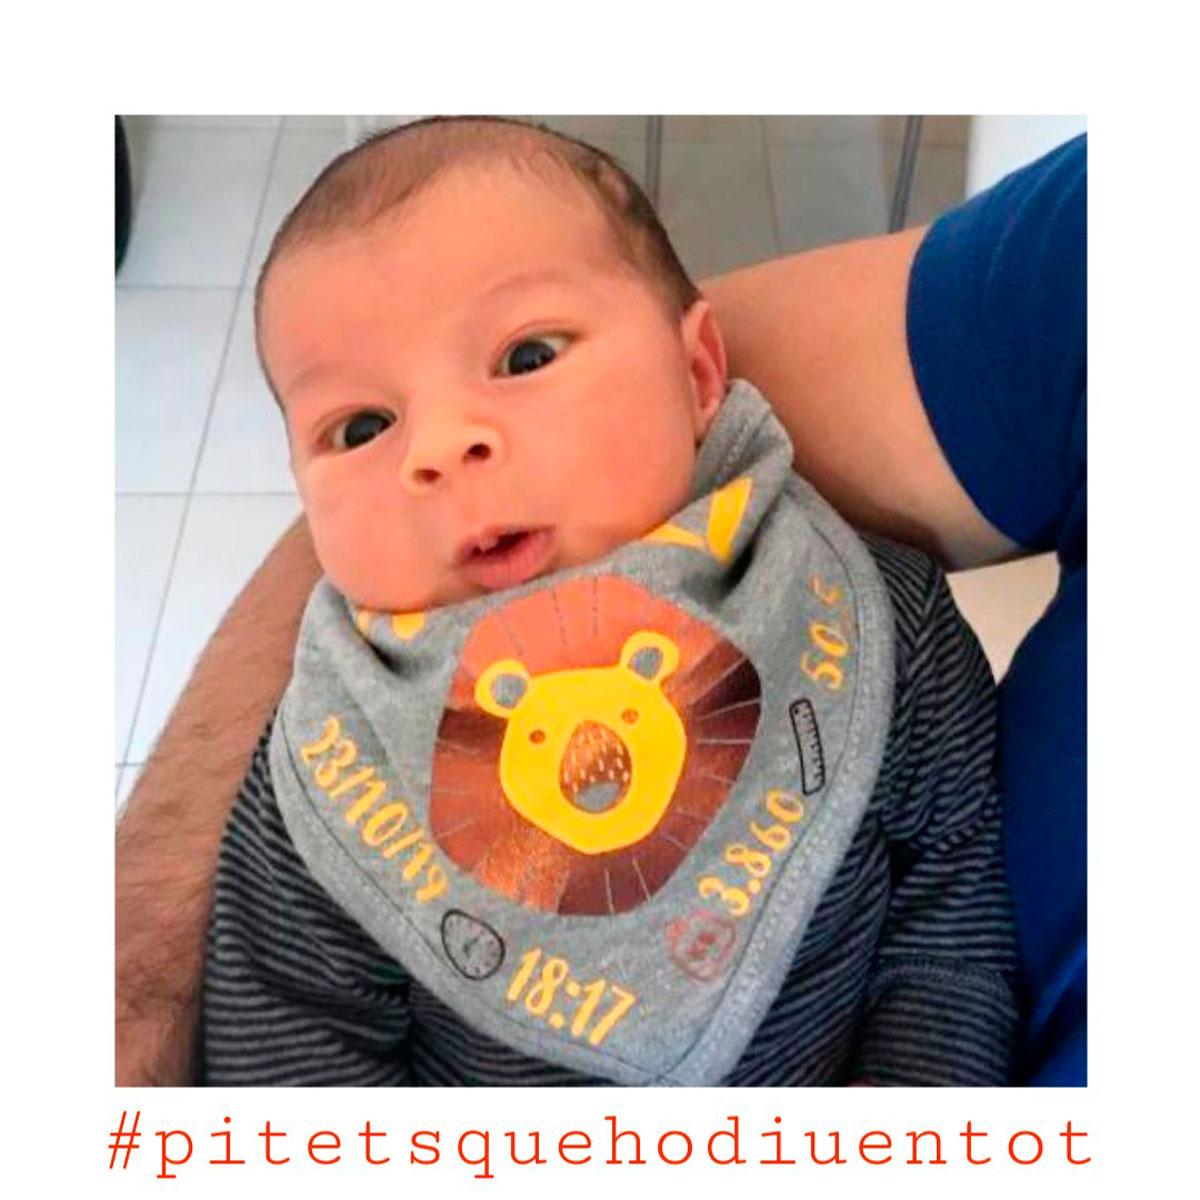 Pitets personalitzats per a nadons